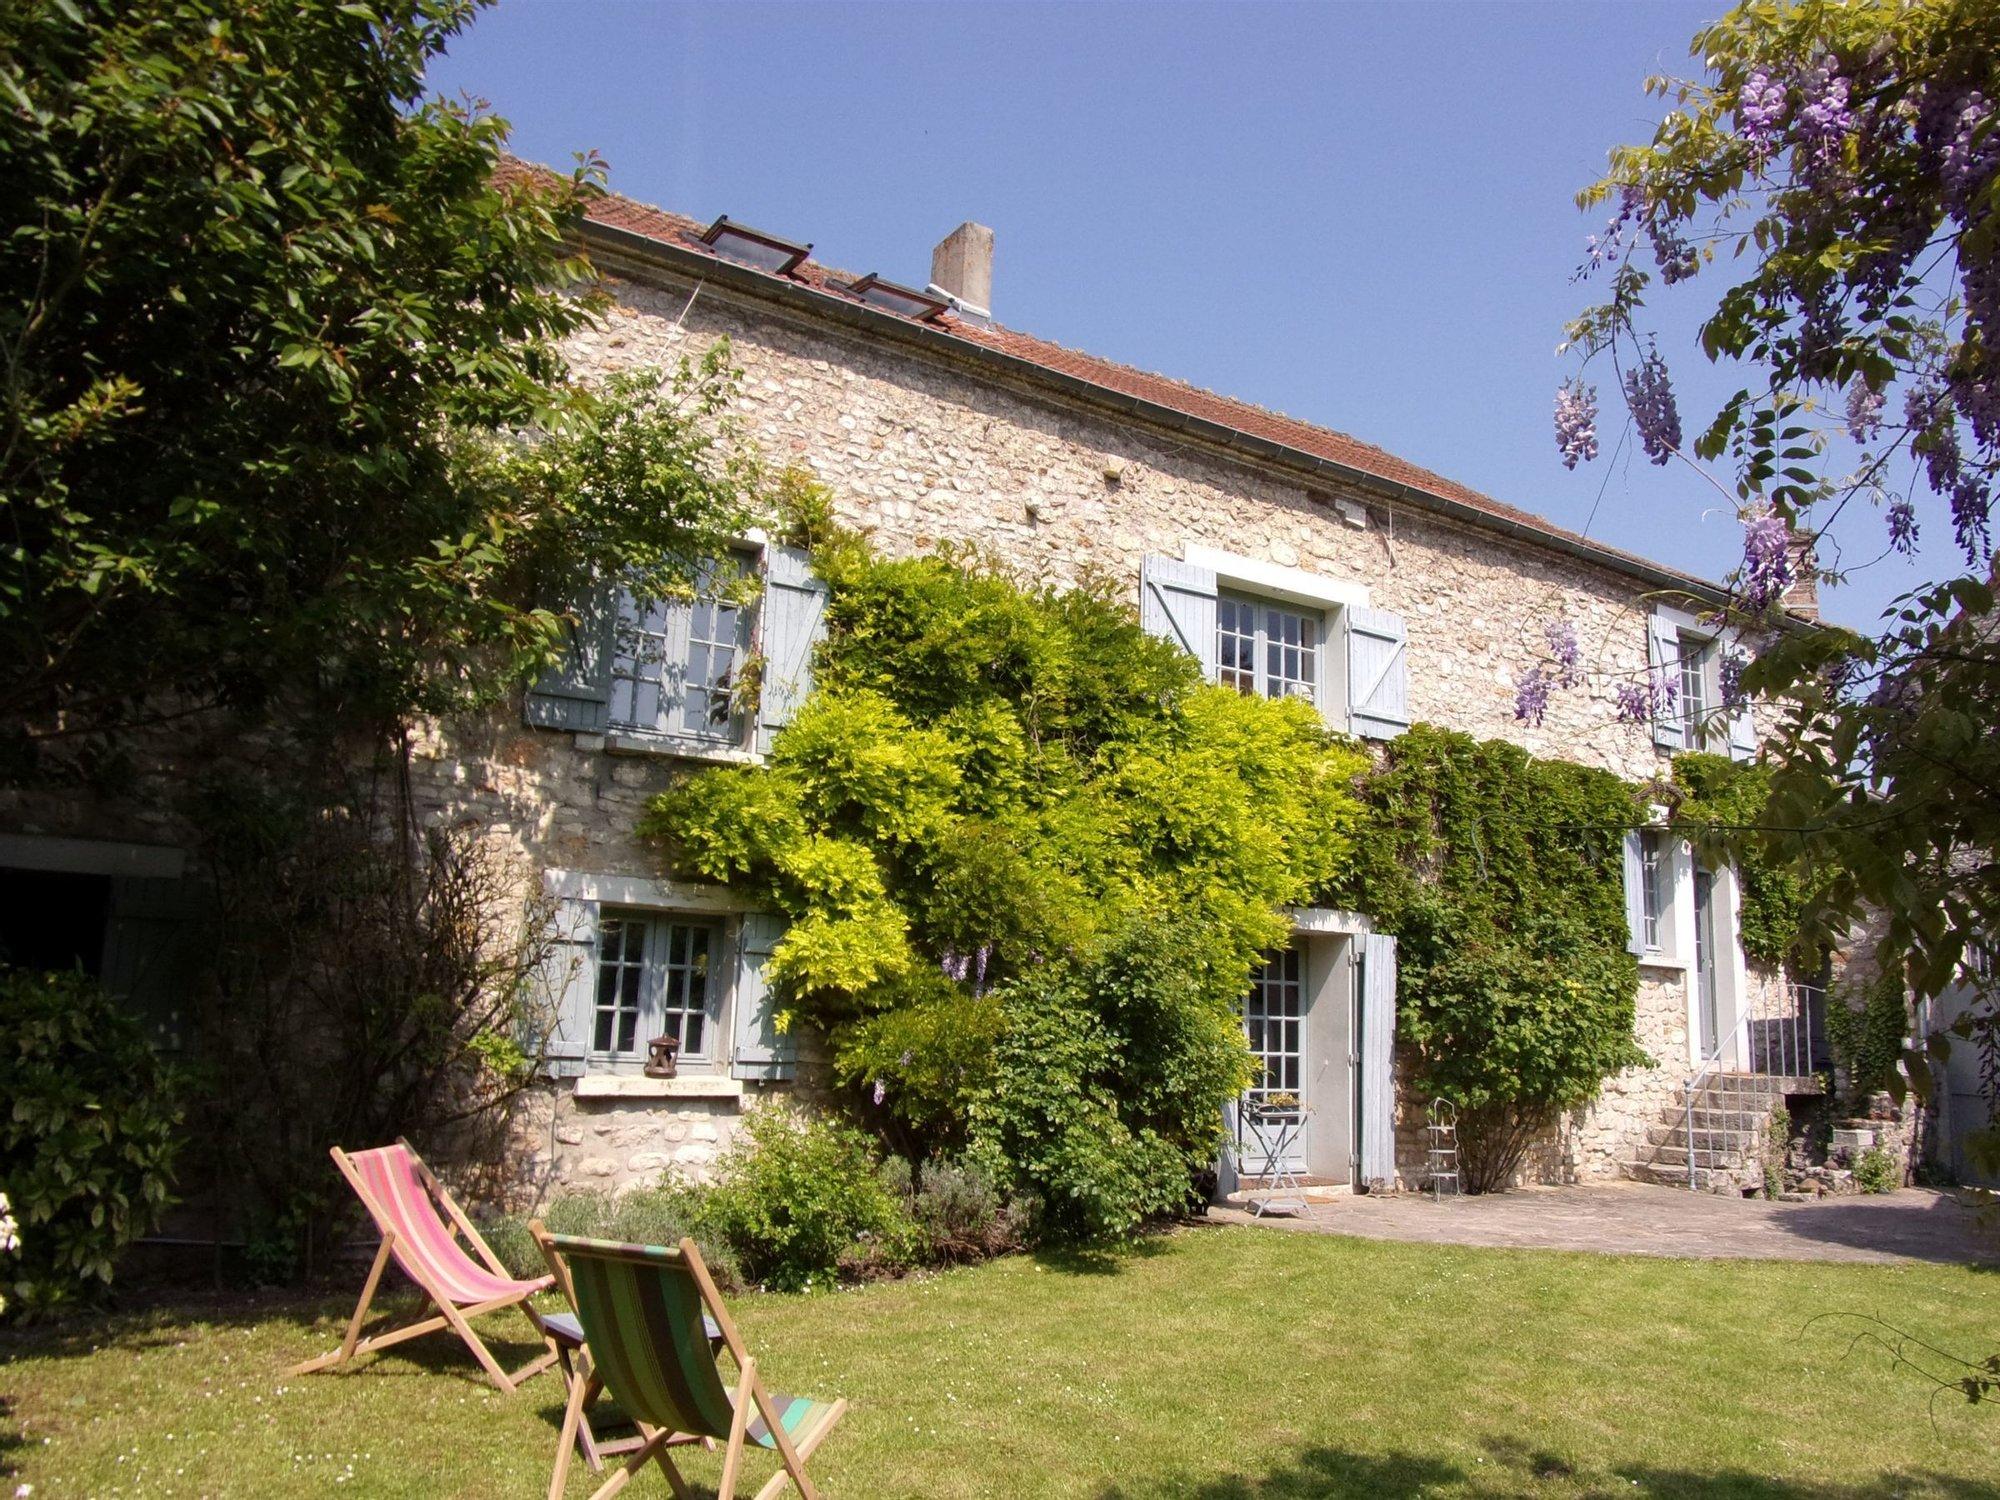 Home St Germain En Laye luxury xvii ith century property to 15 kms from saint germain en laye